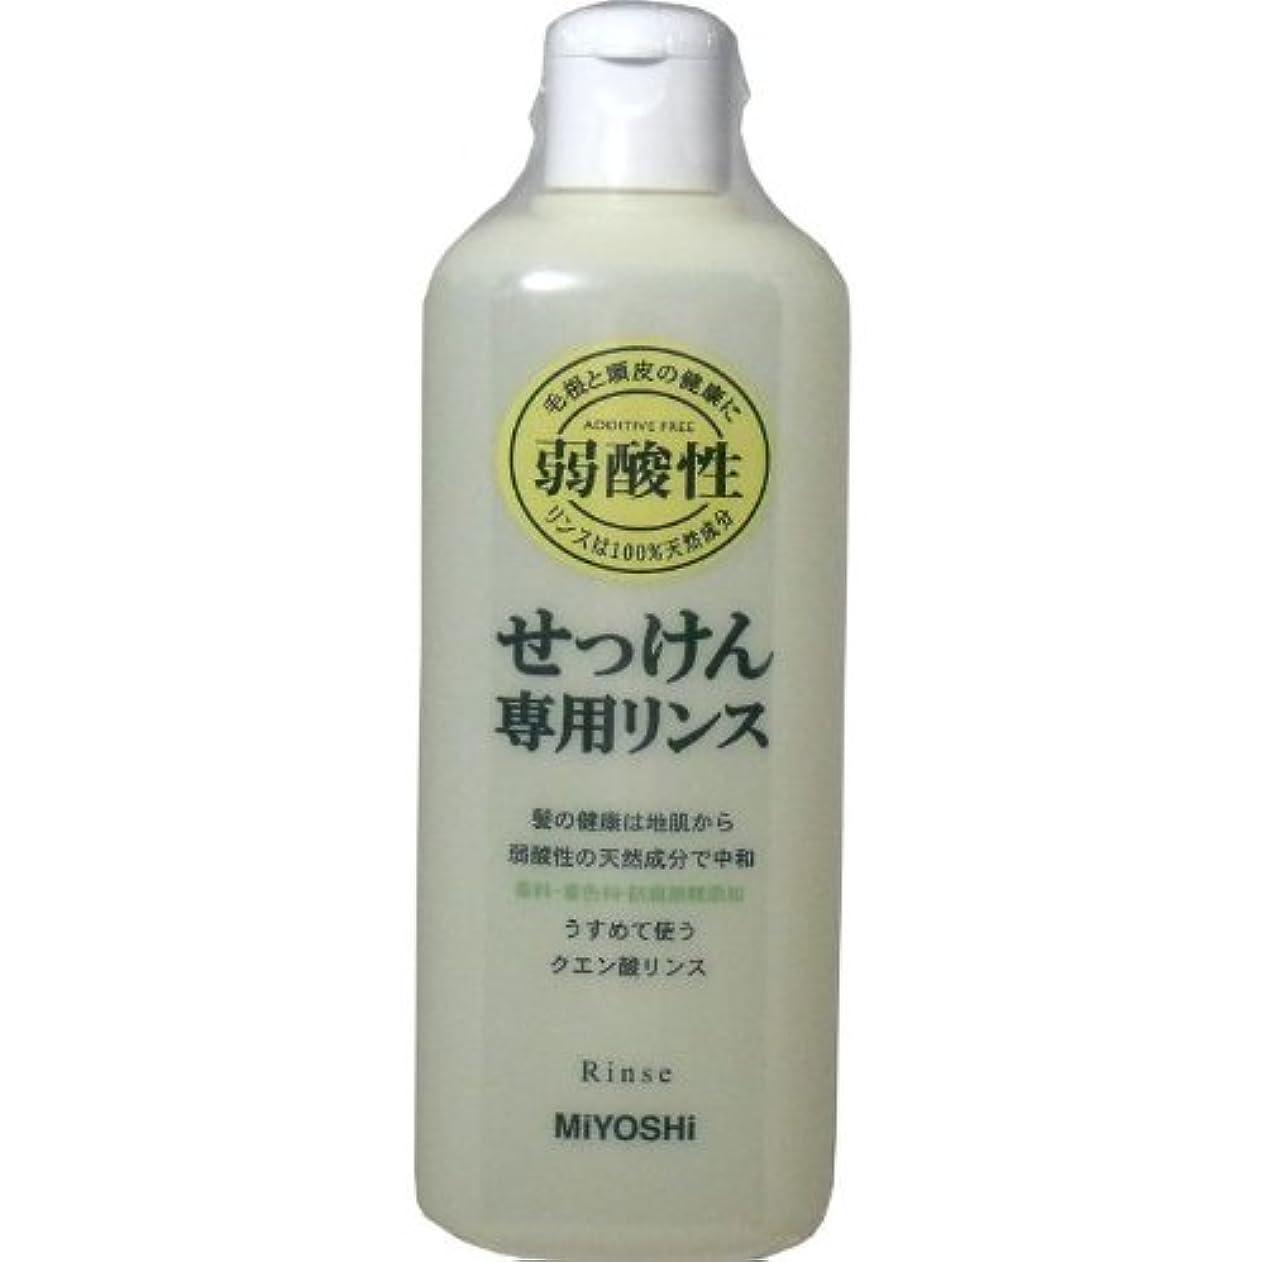 収容するリベラルエキサイティング髪の健康は地肌から、弱酸性の天然成分で中和!!香料、防腐剤、着色料無添加!うすめて使うクエン酸リンス!リンス 350mL【4個セット】